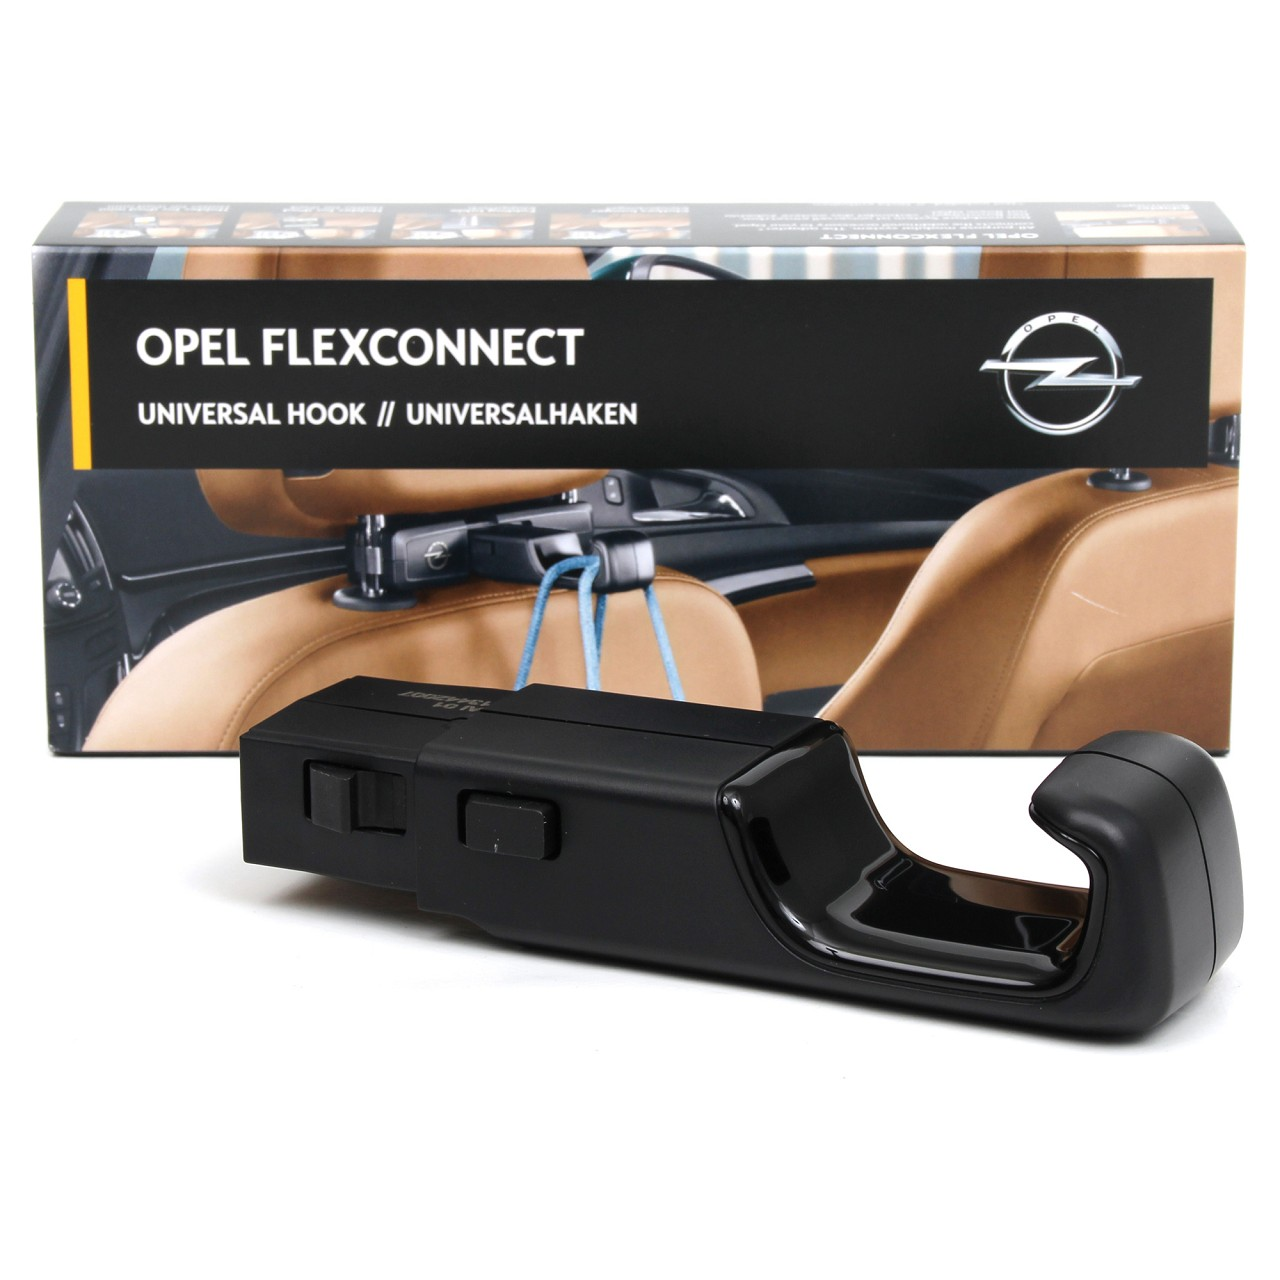 ORIGINAL PSA Opel FlexConnect Haken Universalhaken Aufhänger 1667865980